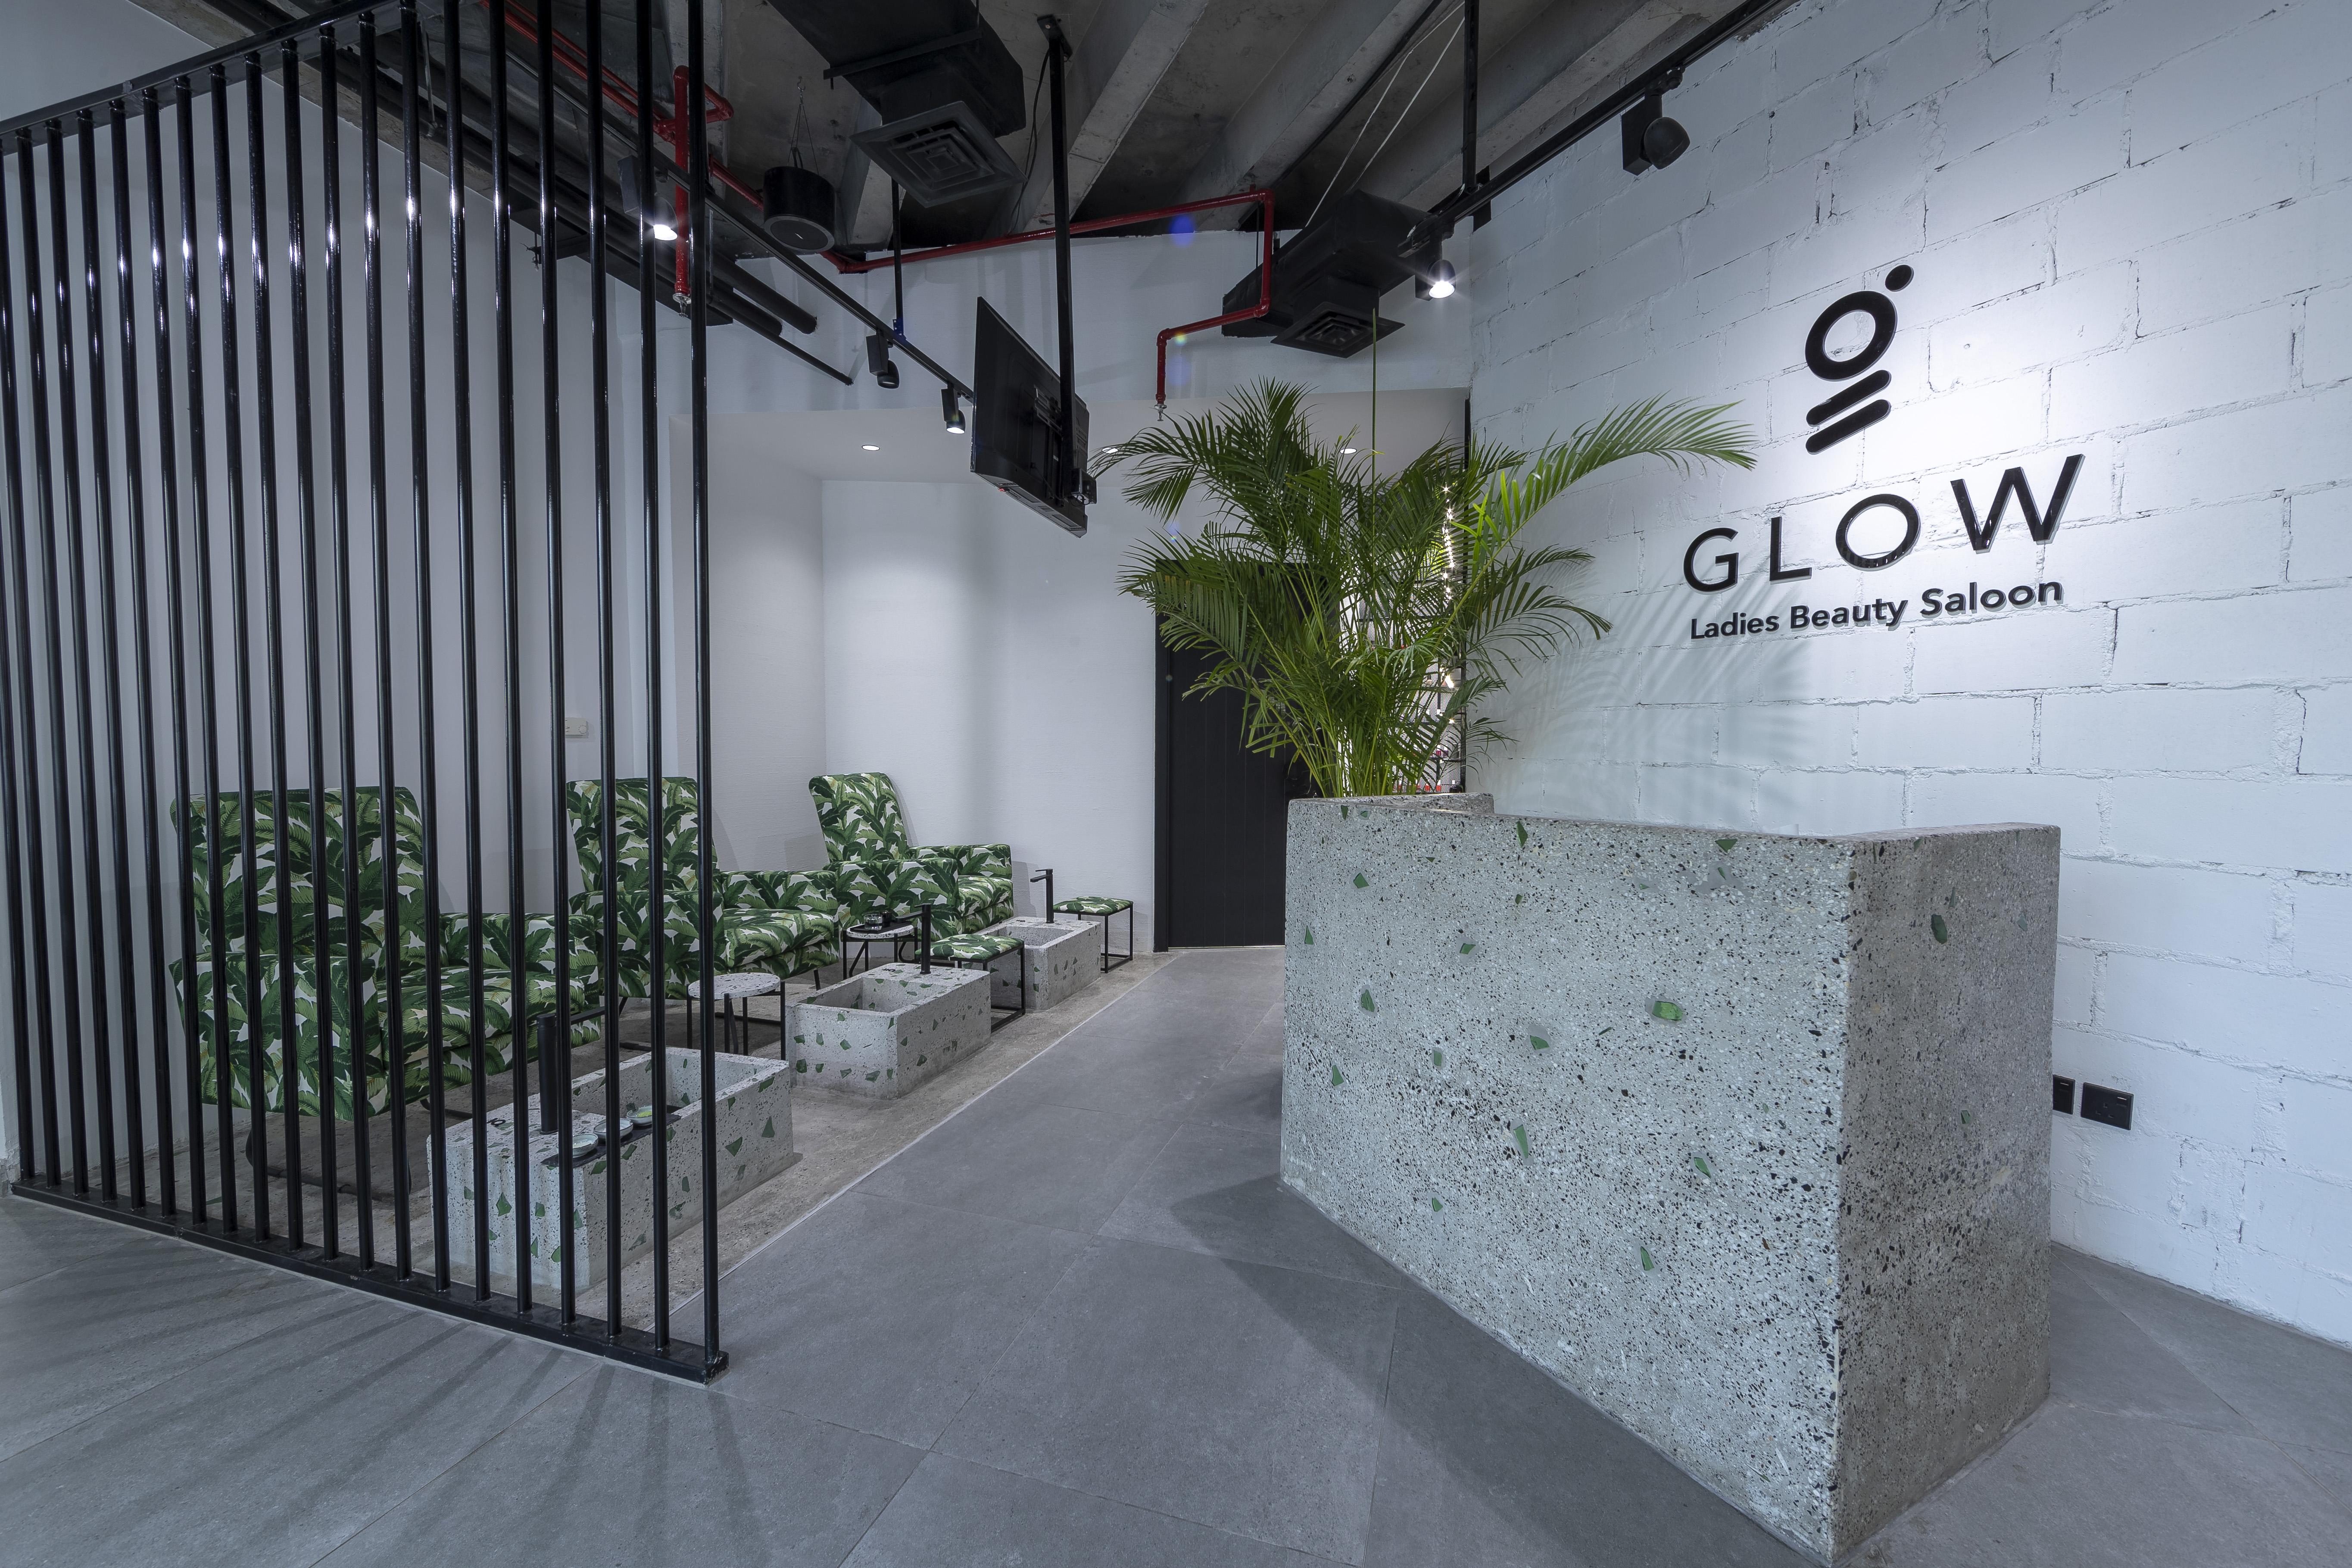 Glow_57